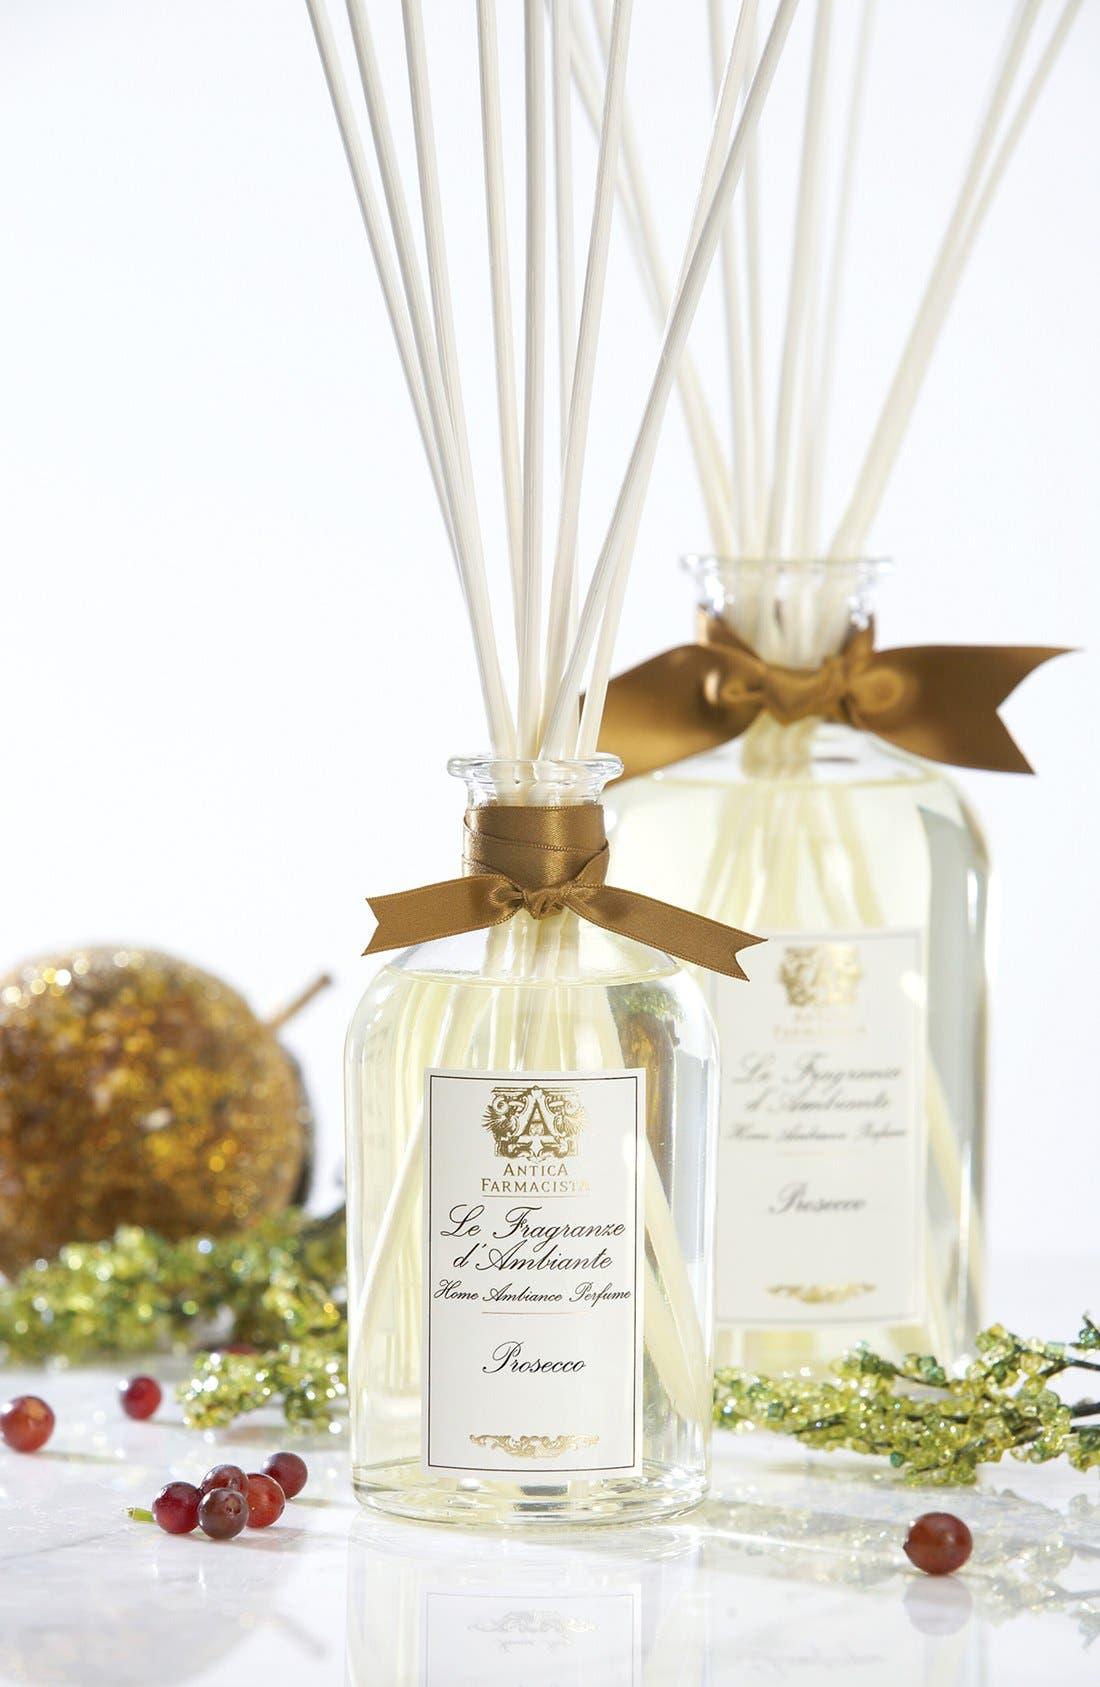 ANTICA FARMACISTA, Prosecco Home Ambiance Perfume, Alternate thumbnail 2, color, NO COLOR